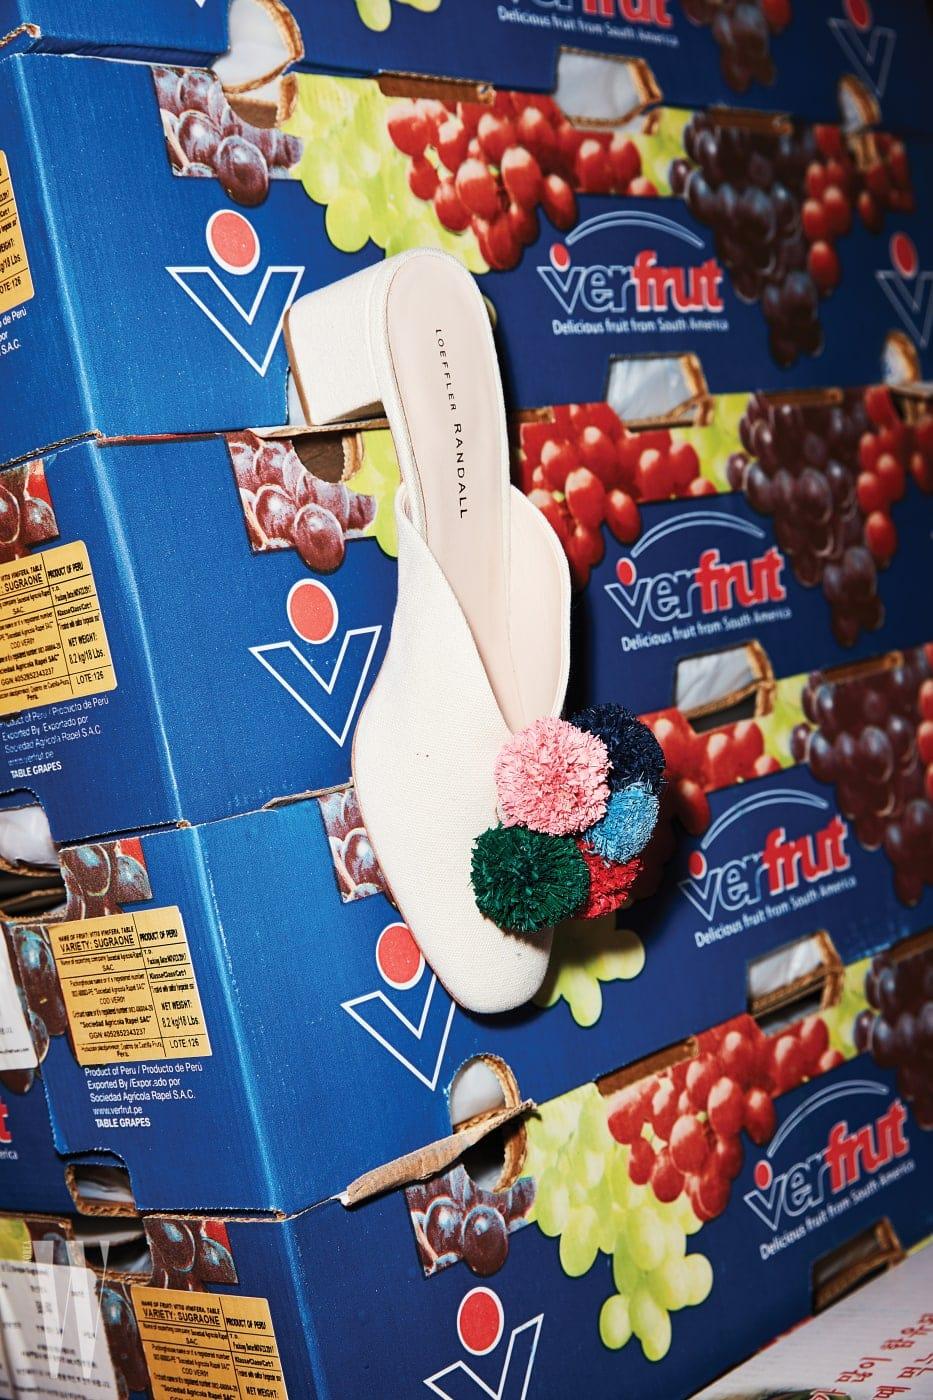 포도 상자에 걸린 컬러풀한 폼폼 장식 뮬은 로플러 렌달 제품. 69만8천원.